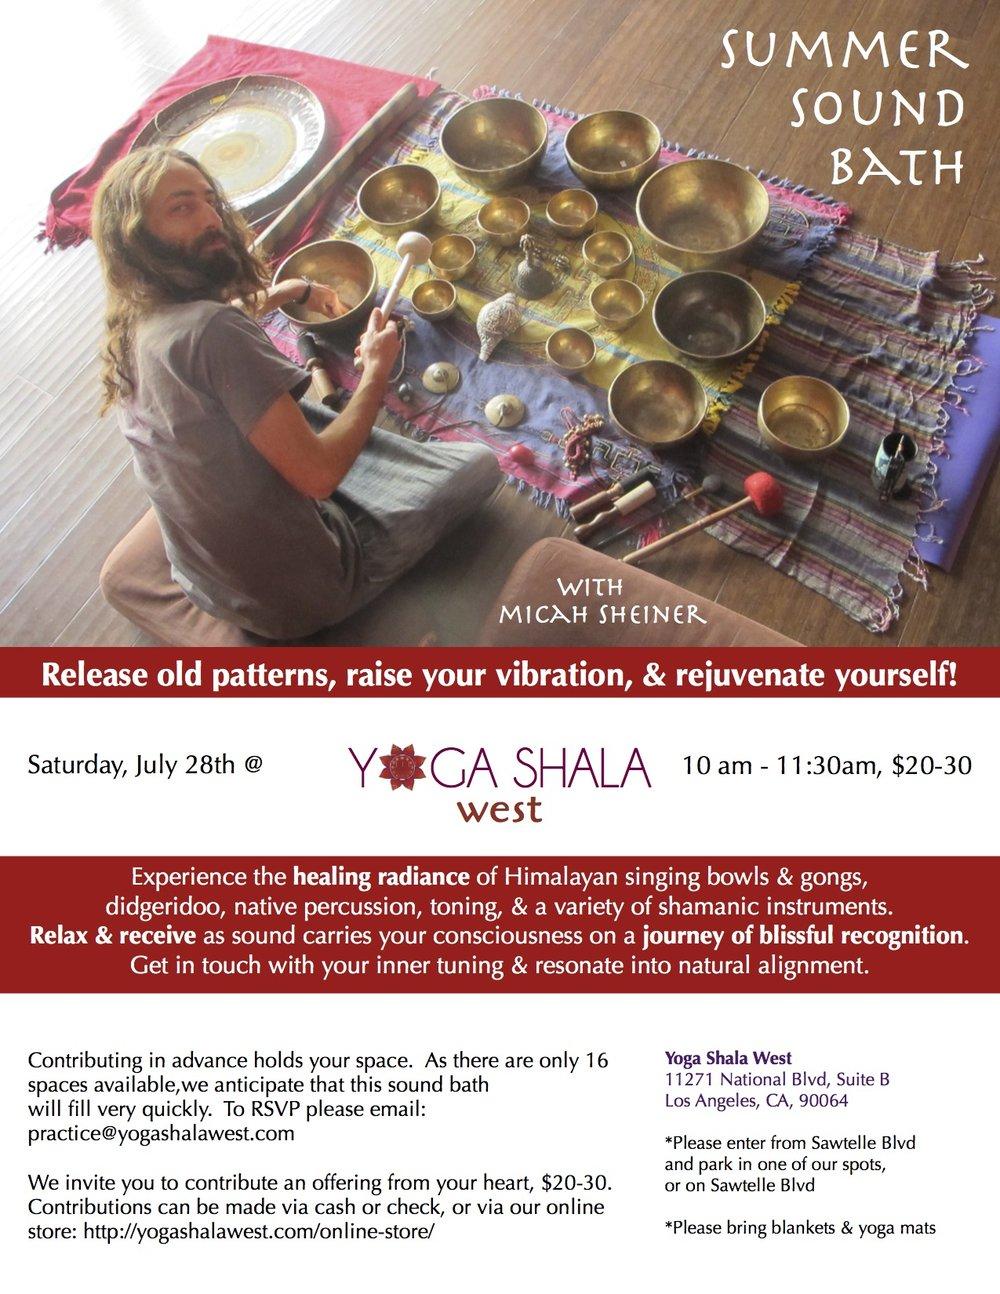 yoga shala sound bath july 28.jpg